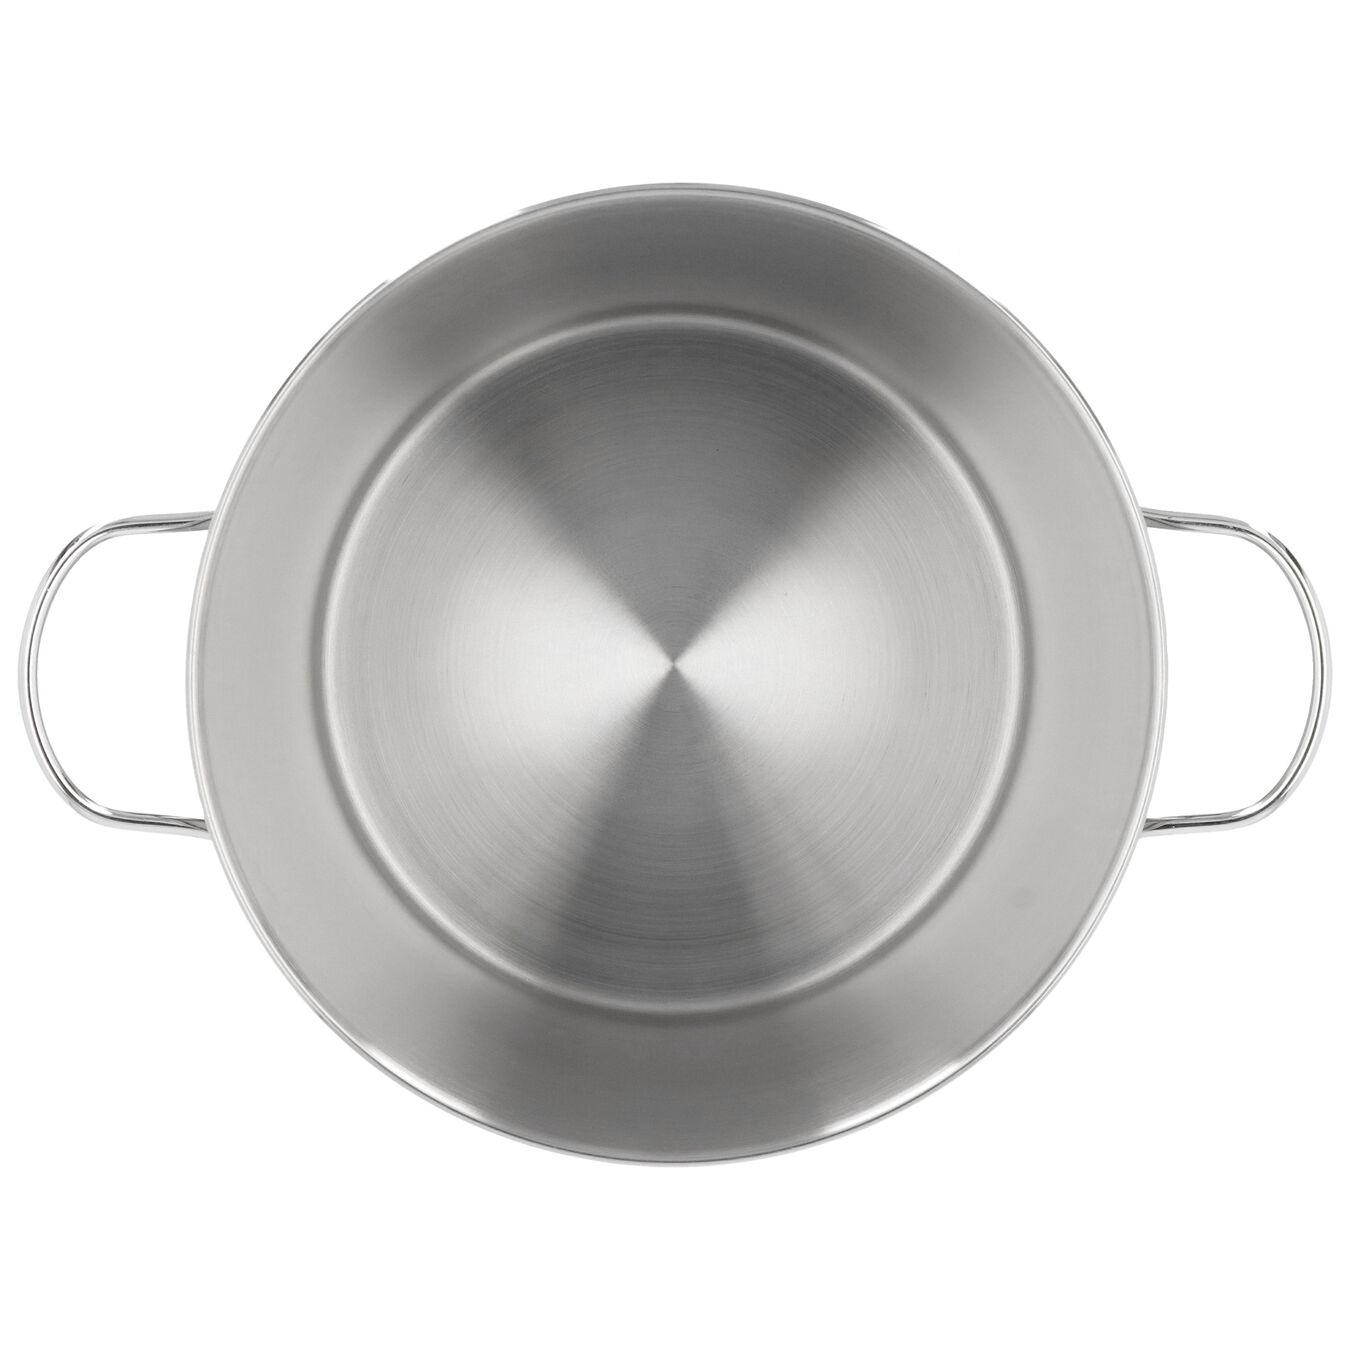 Soeppot met deksel 26 cm / 12 l,,large 5